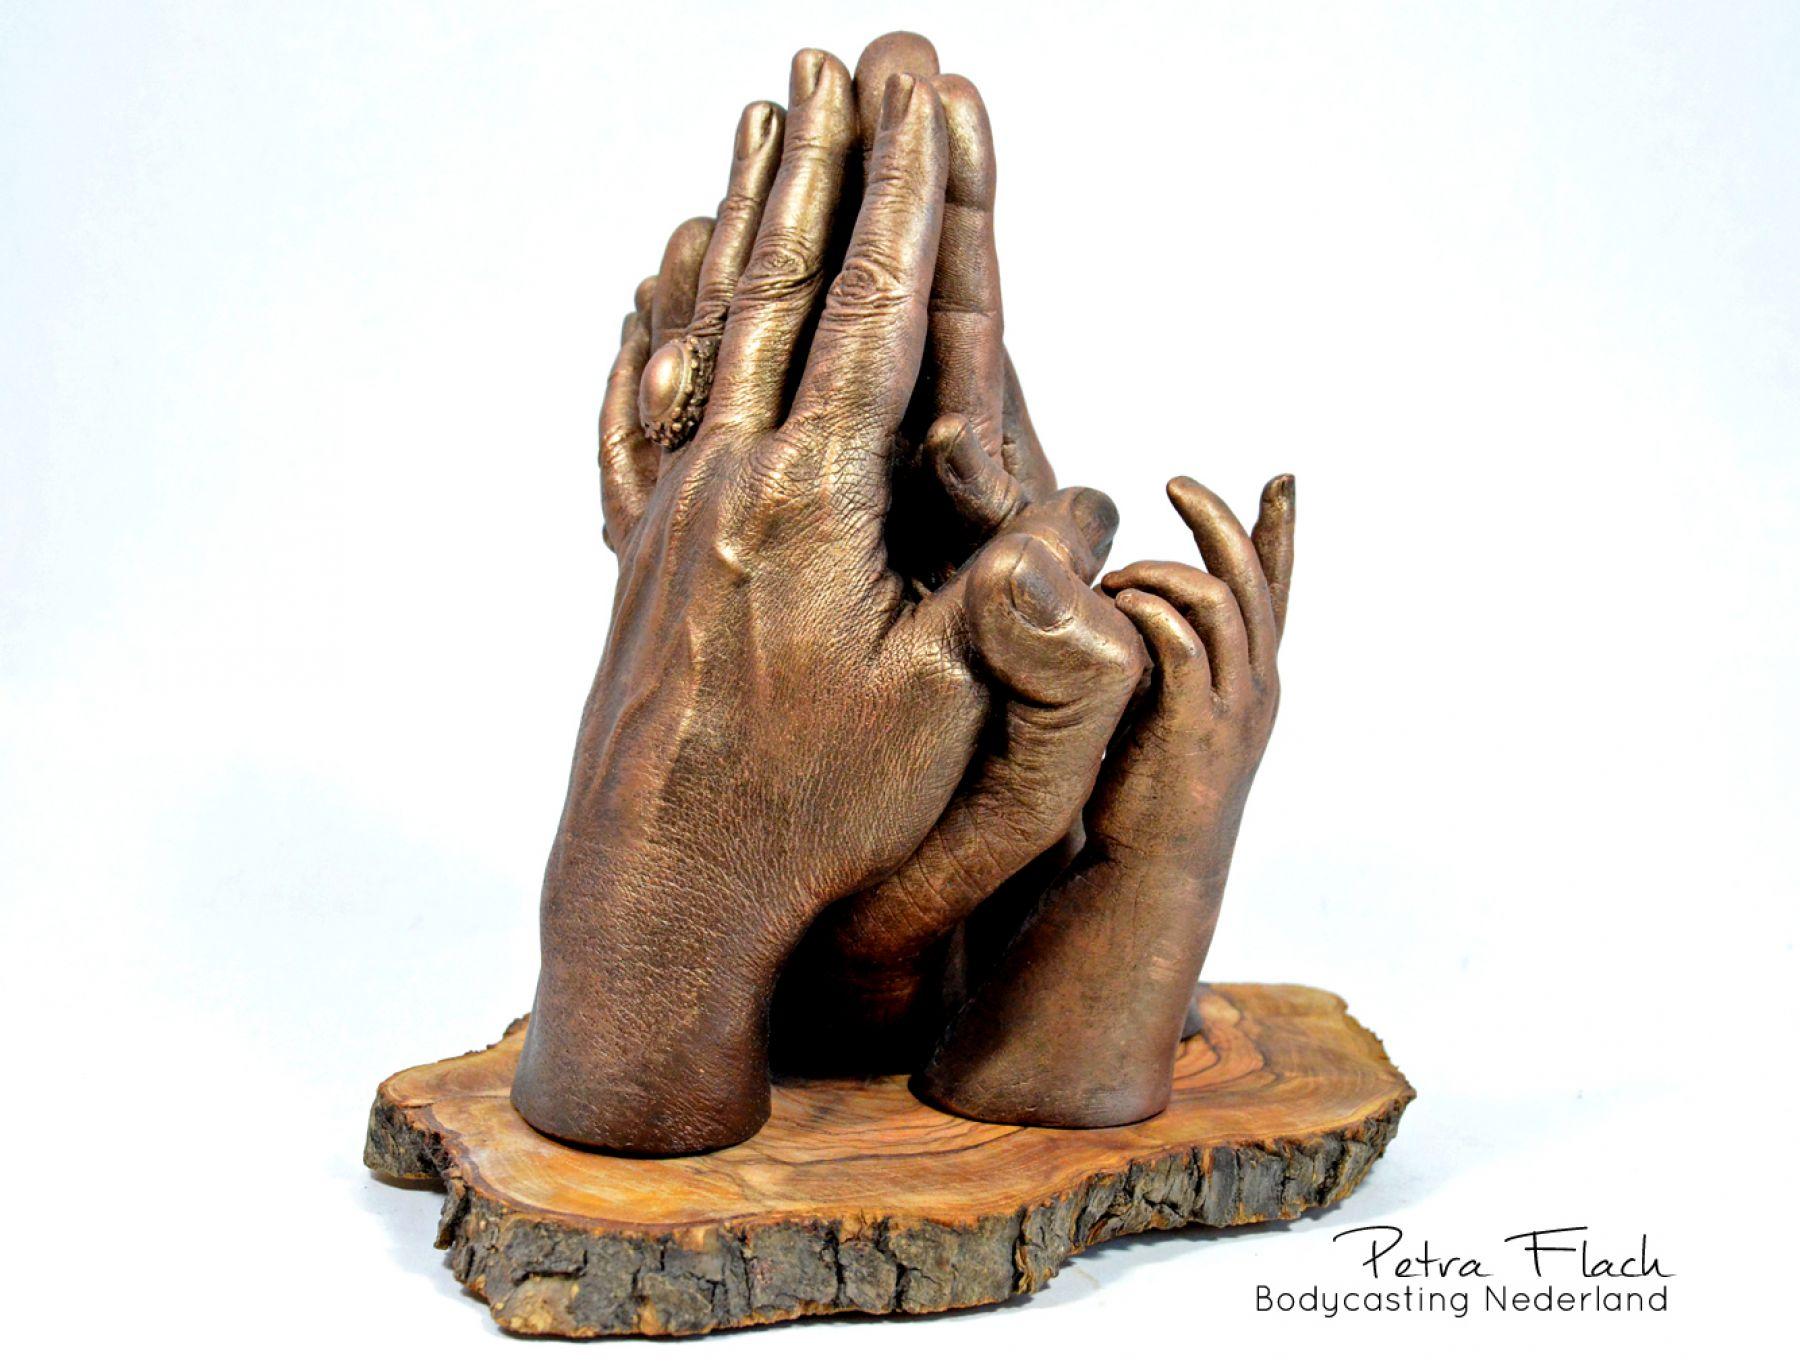 Bodycasting-lifecasting-handbeeld-familie-familiebeeld-gezinsbeeld-handen-hands-handenkunst-art-petraflach-reeuwijk-bodycastingnederland